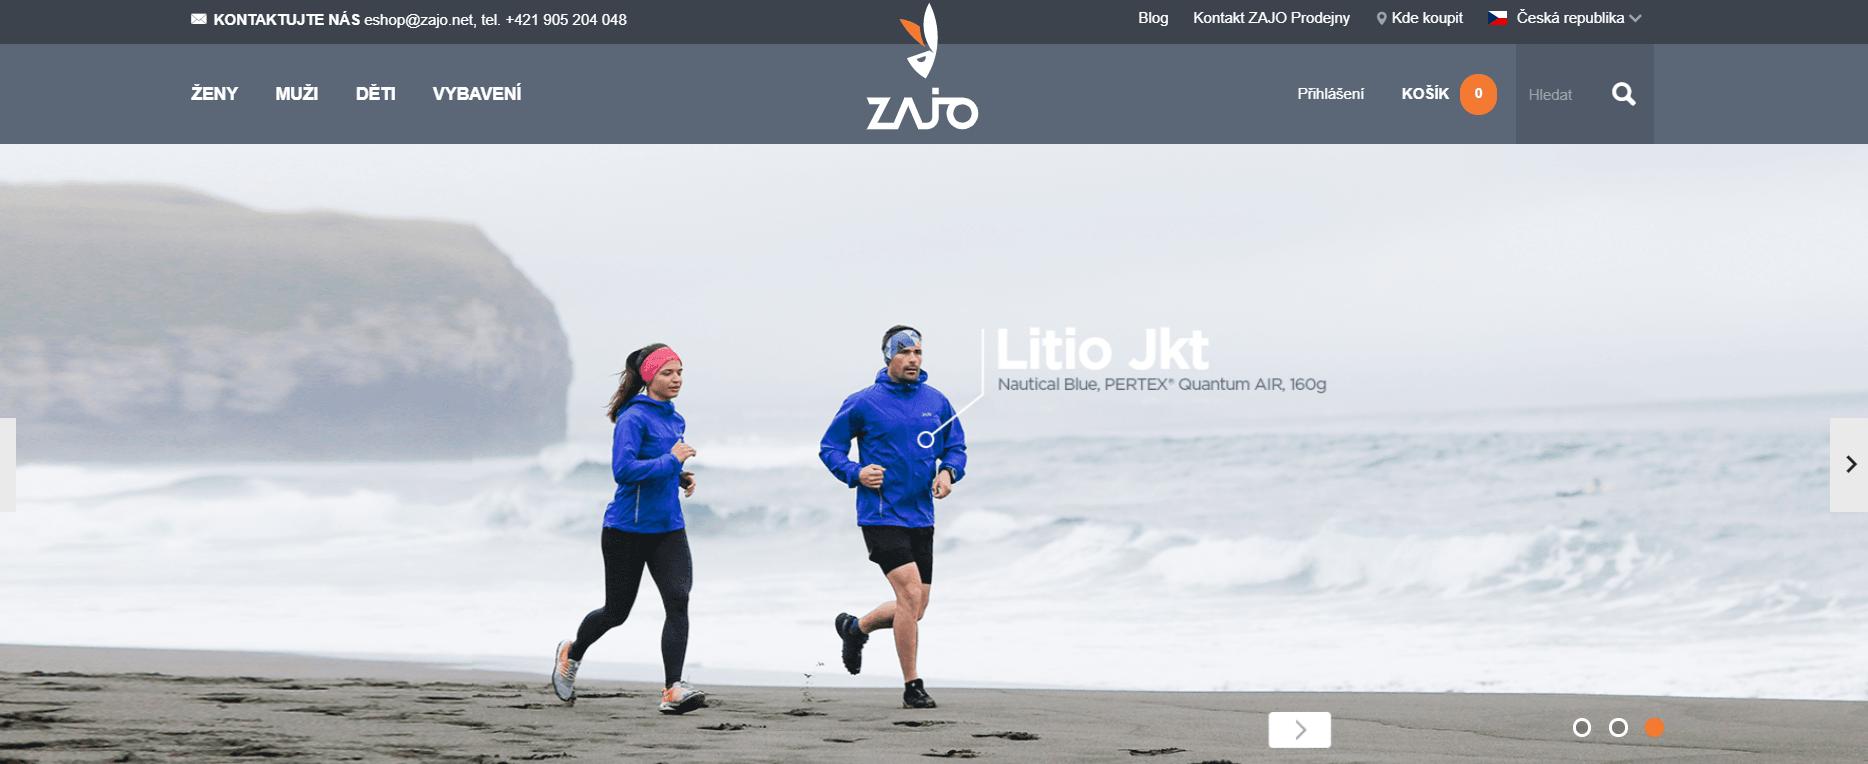 Покупка на ZAJO с доставкой в Казахстан ✔️ myMeest - 3